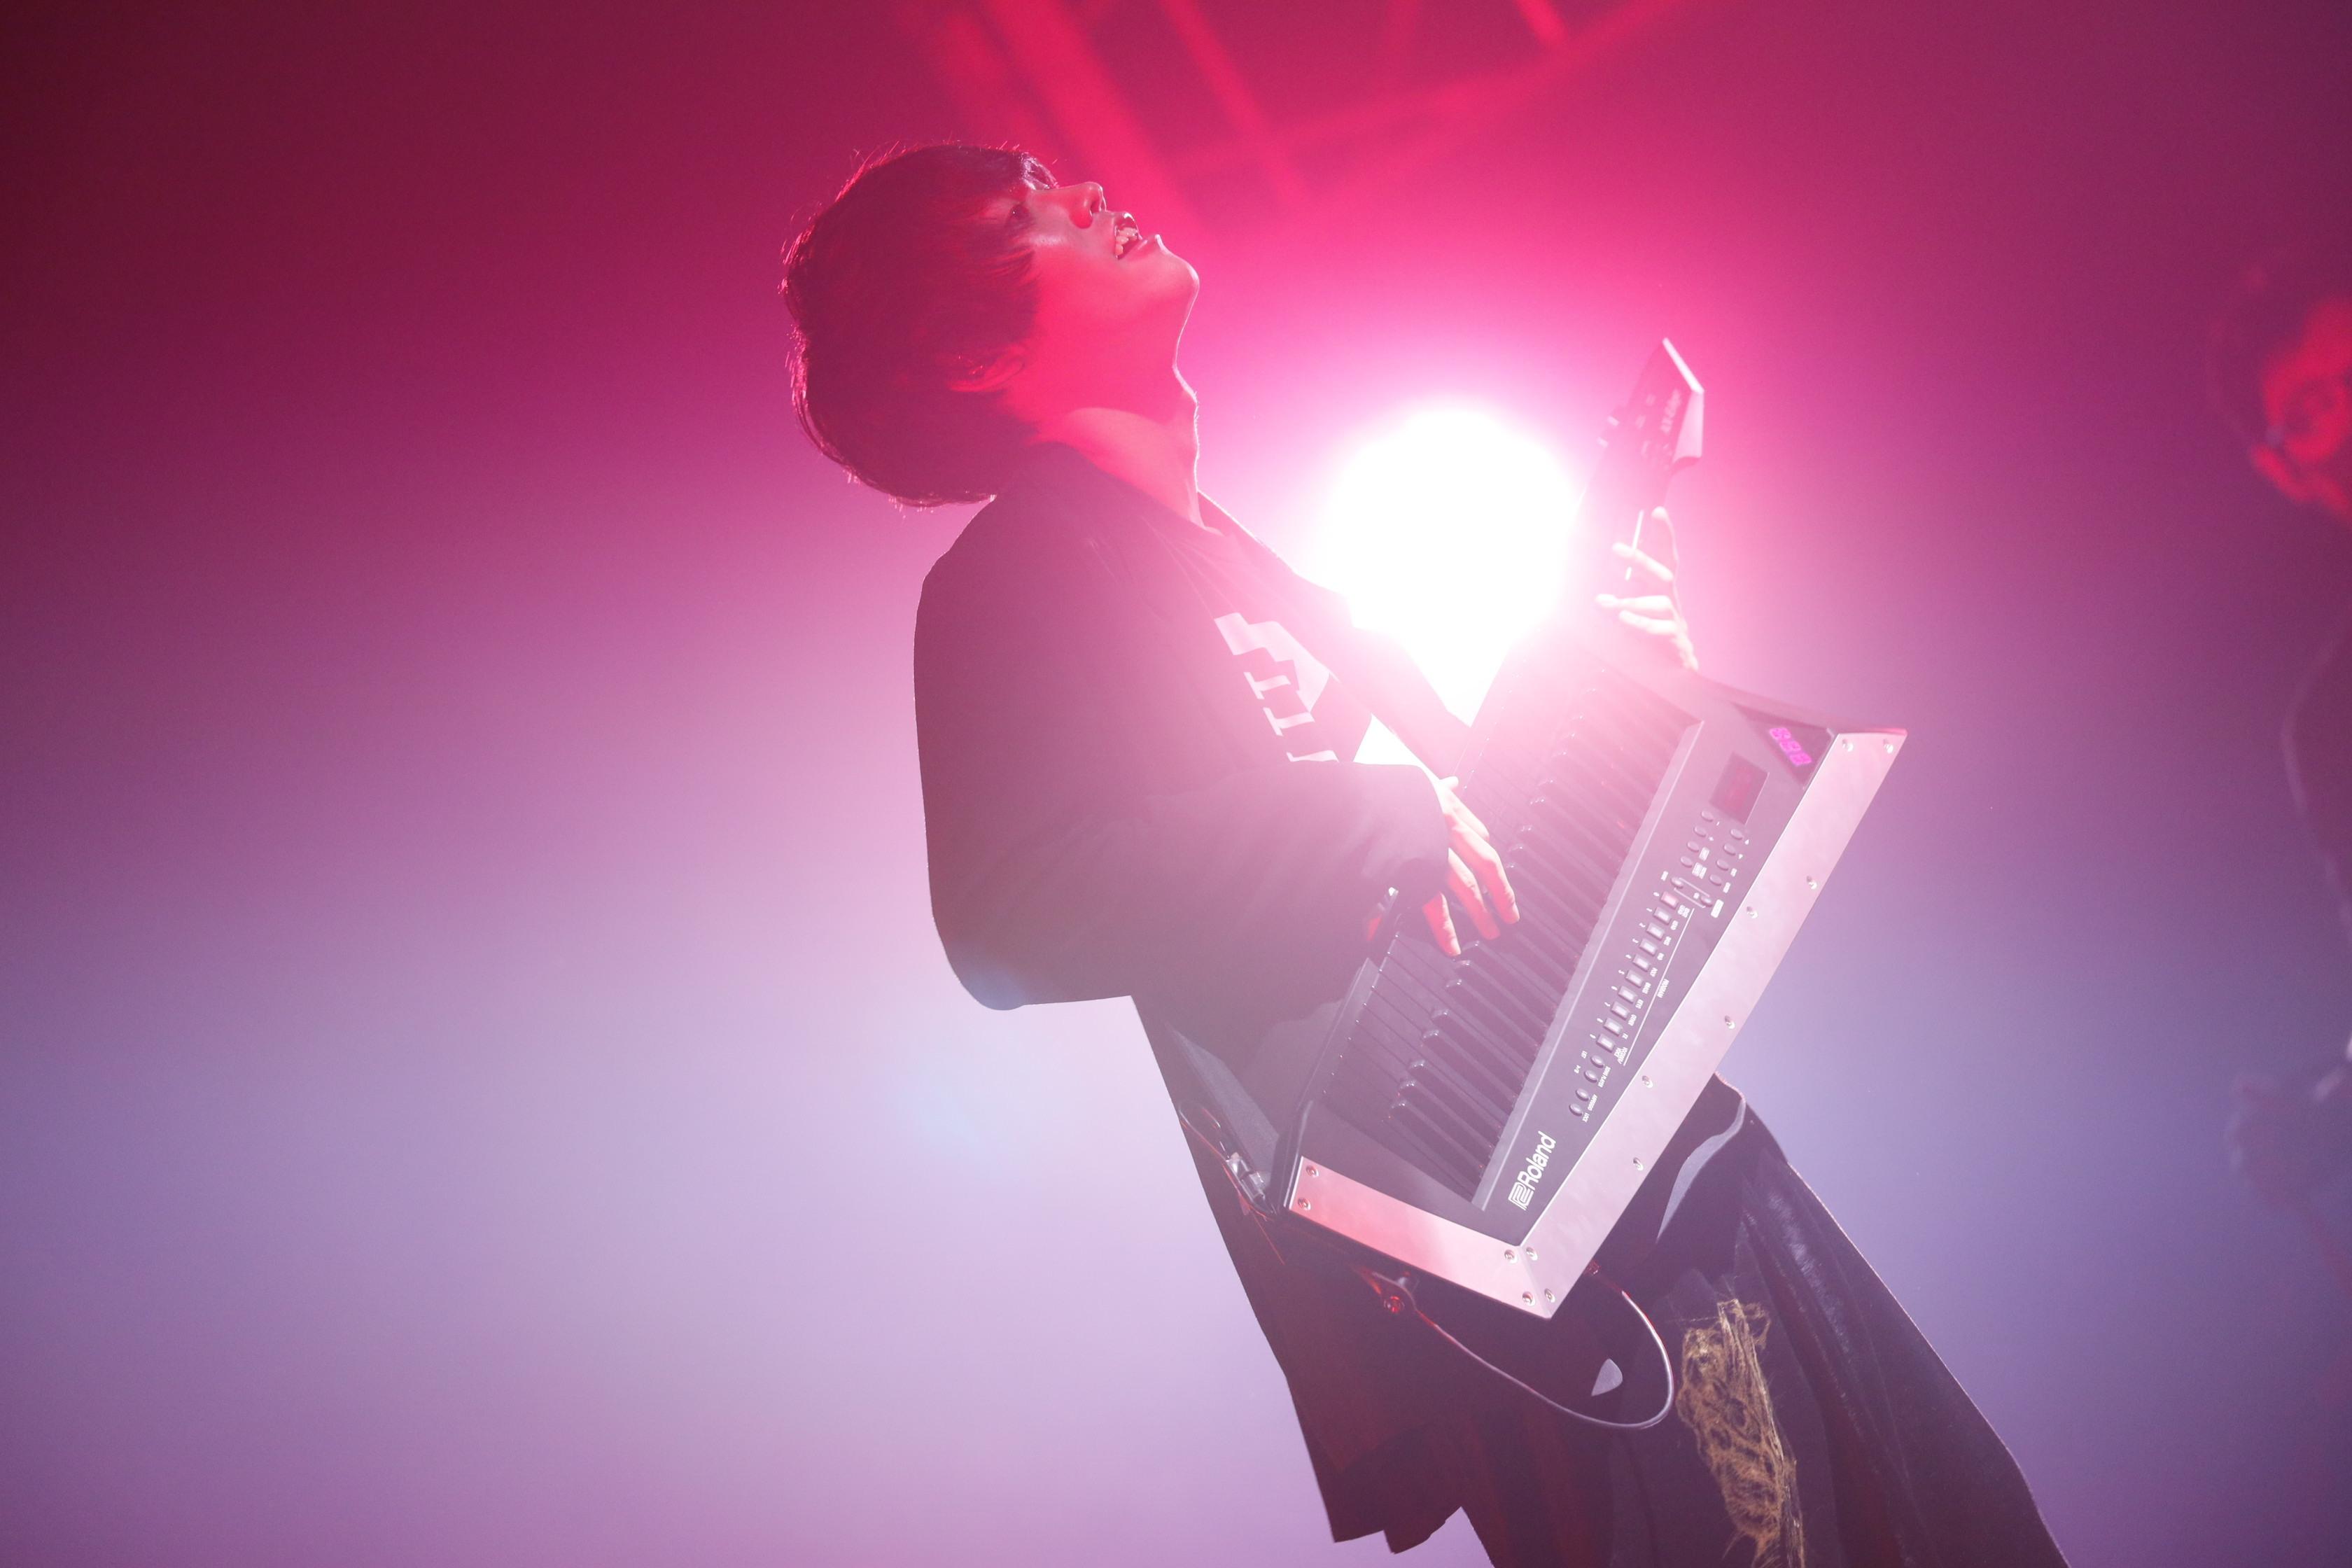 さいたまスーパーアリーナでのワンマンライブ『〜Freestyle Piano Party〜 World & You』の様子 (撮影:池上夢貢)